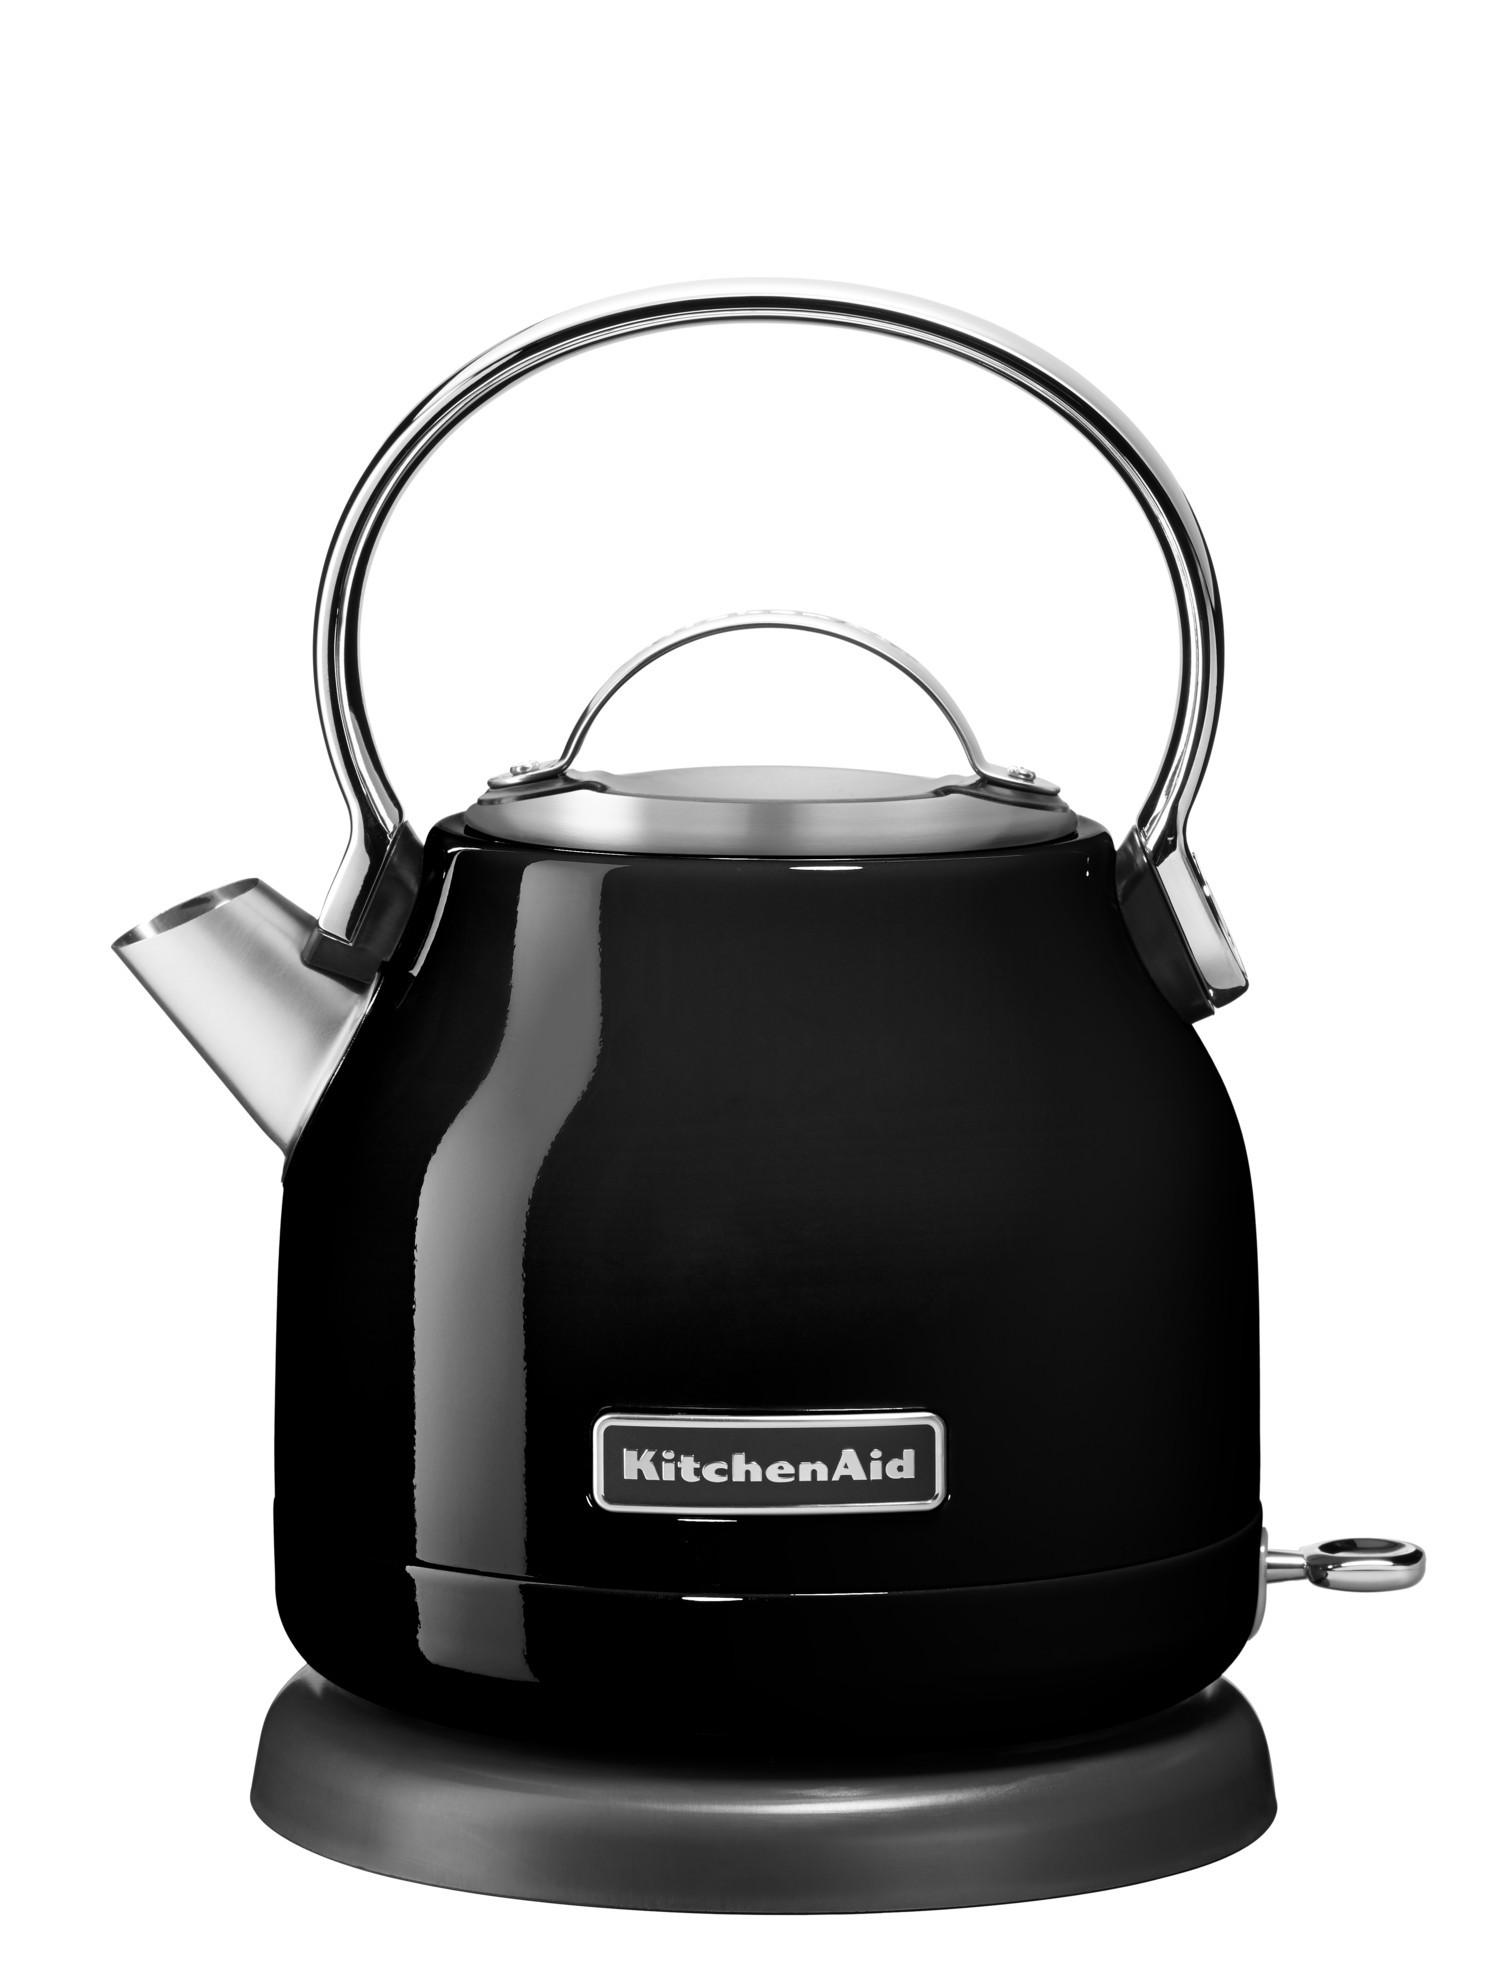 KitchenAid Kessel-Wasserkocher 1,25l